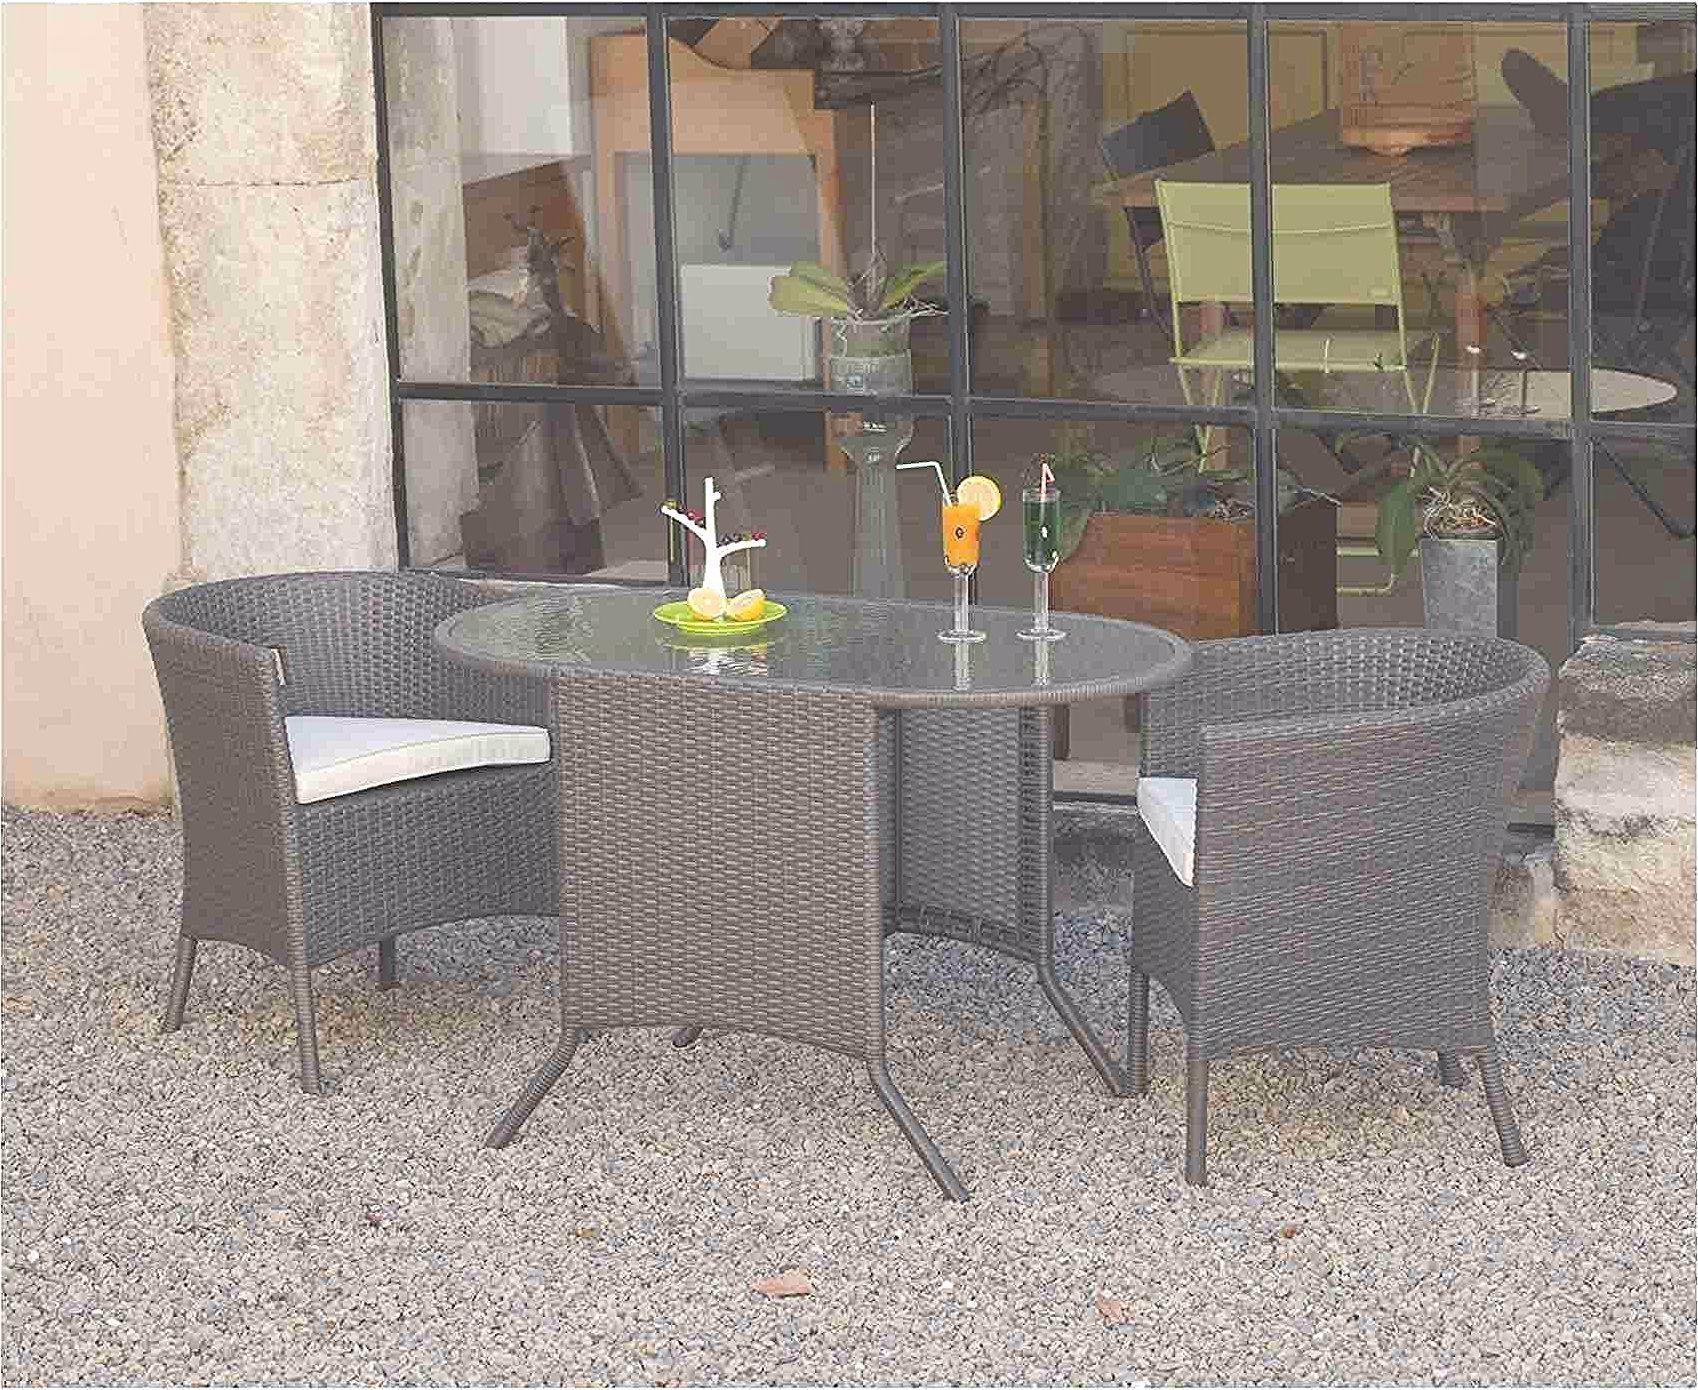 79 Glamorous Mobilier Jardin Leclerc | Outdoor Furniture ... pour Table Et Chaises De Jardin Leclerc